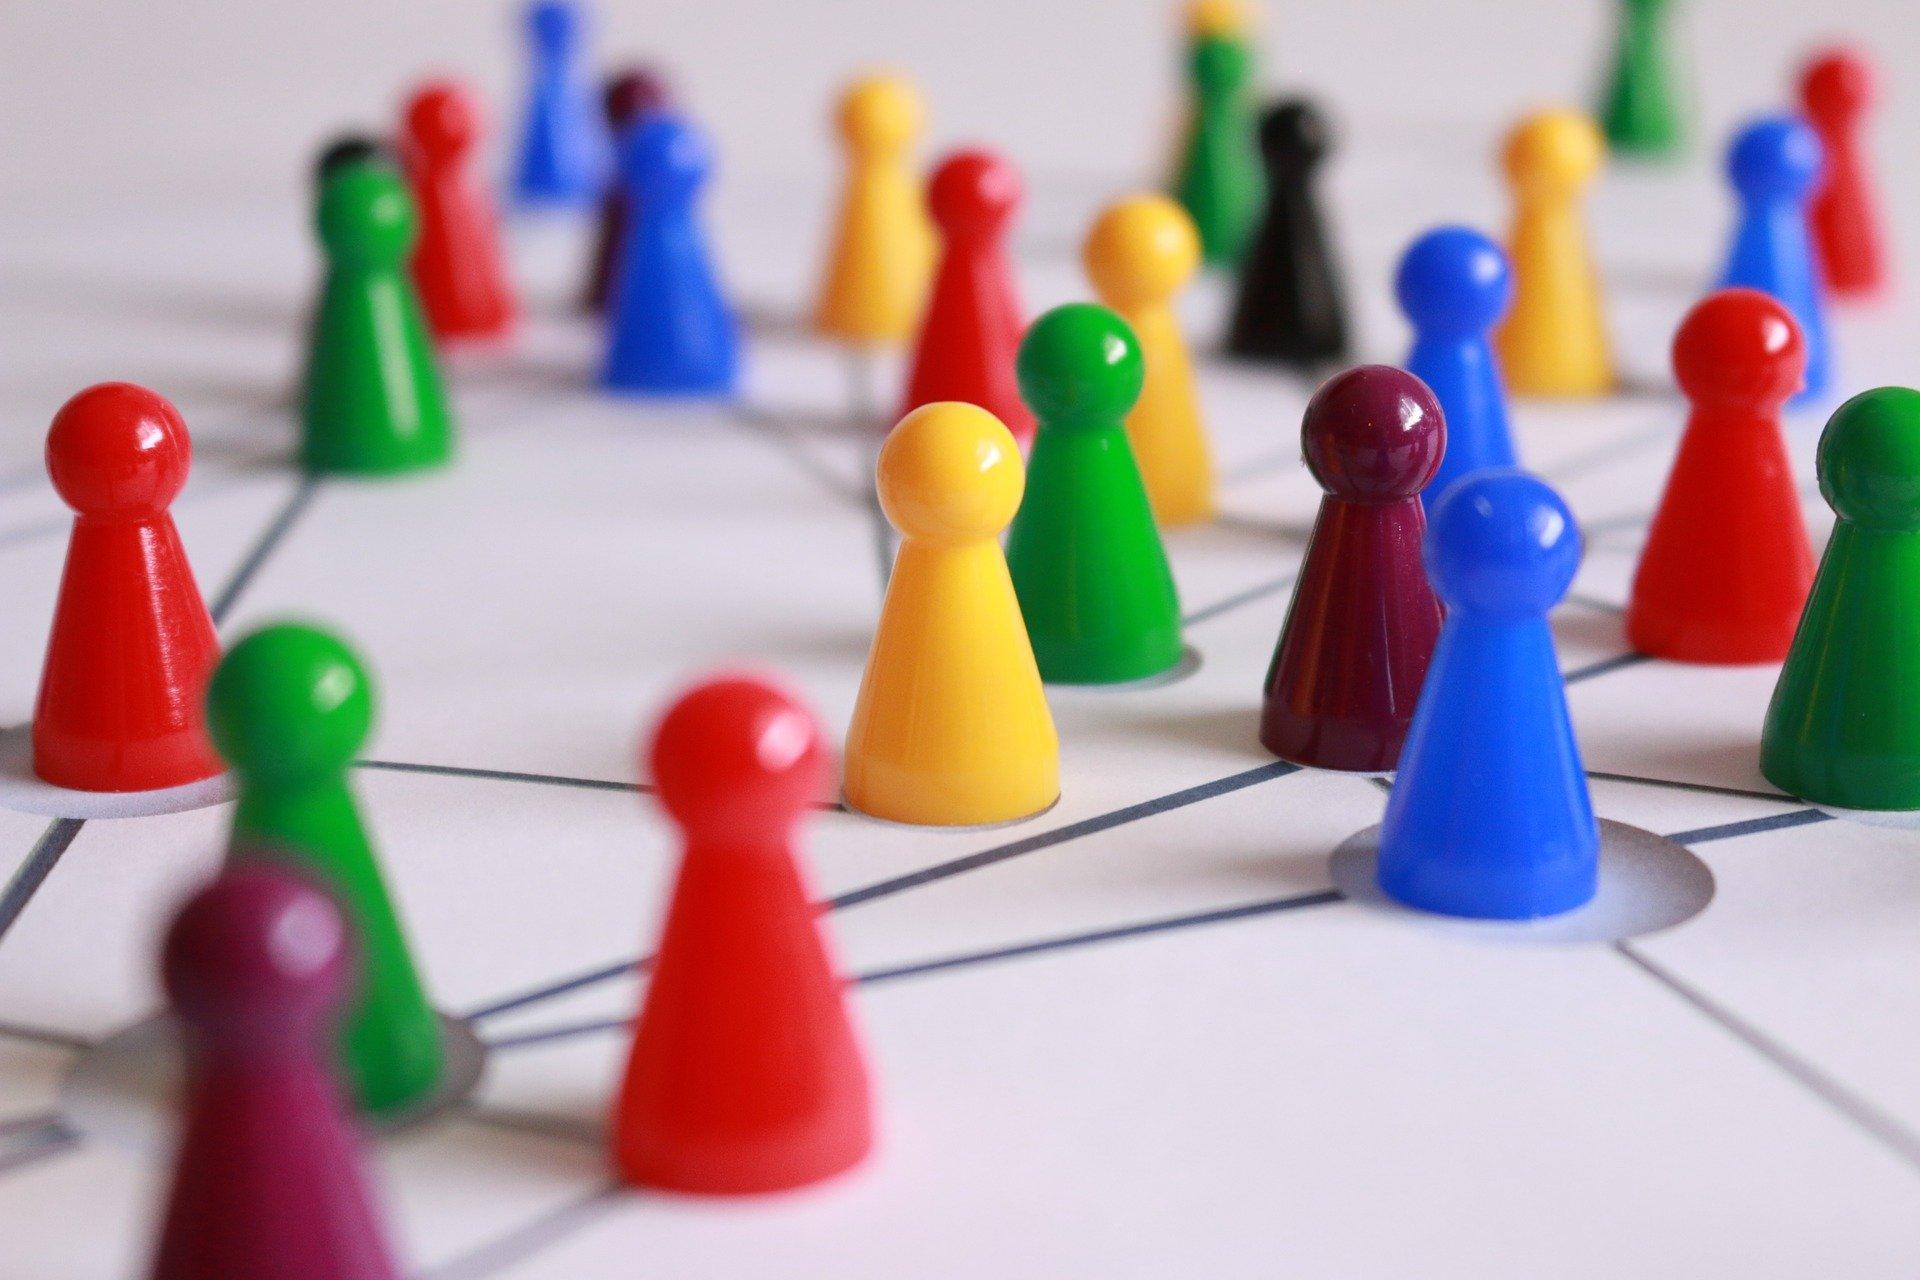 Spielfiguren, Quelle: Bild von Gerd Altmann auf Pixabay